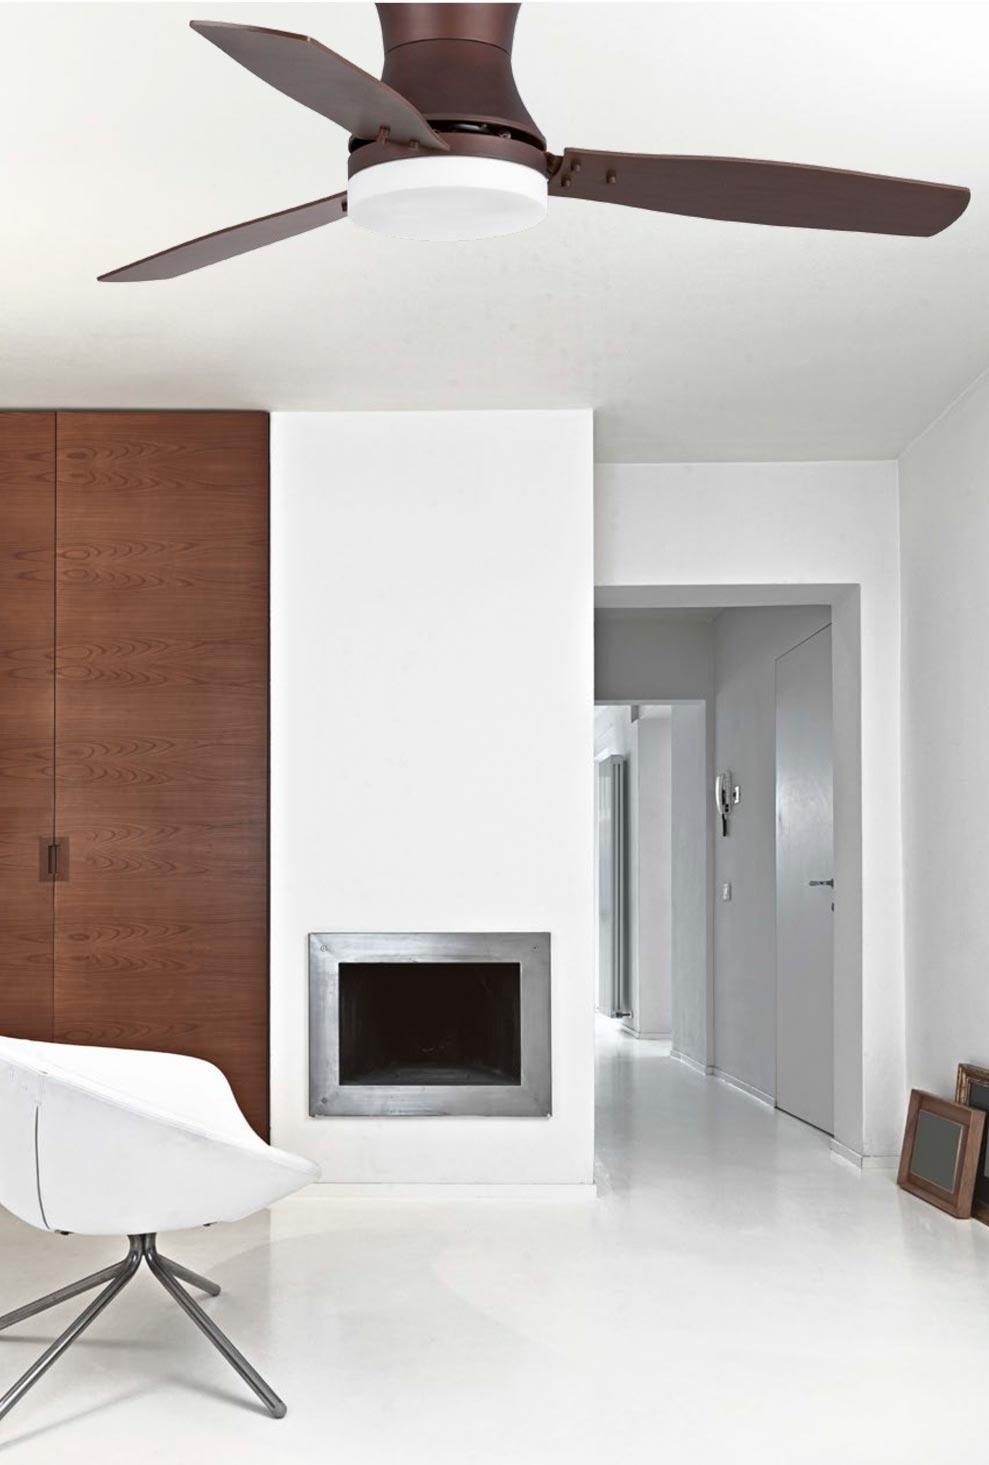 Ventilador de techo marrón TONSAY ambiente